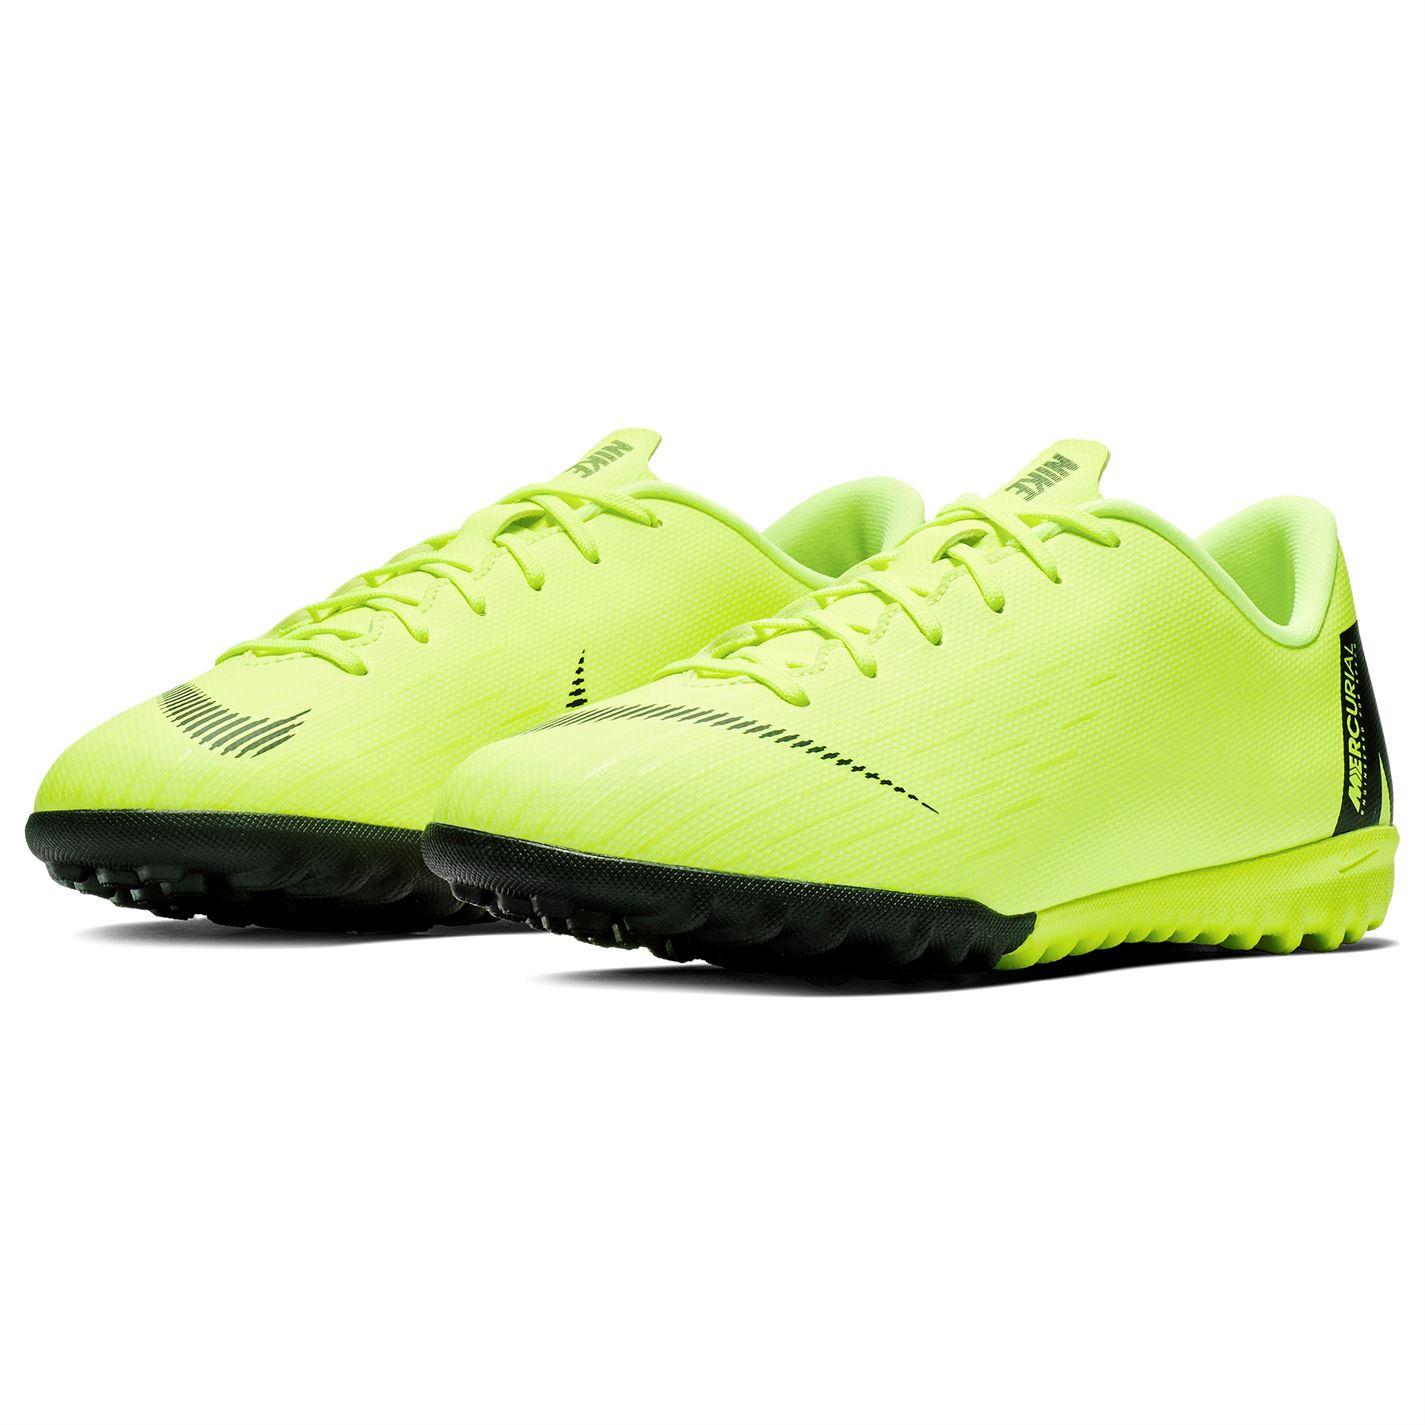 kopačky Nike Mercurial Vortex FG detské